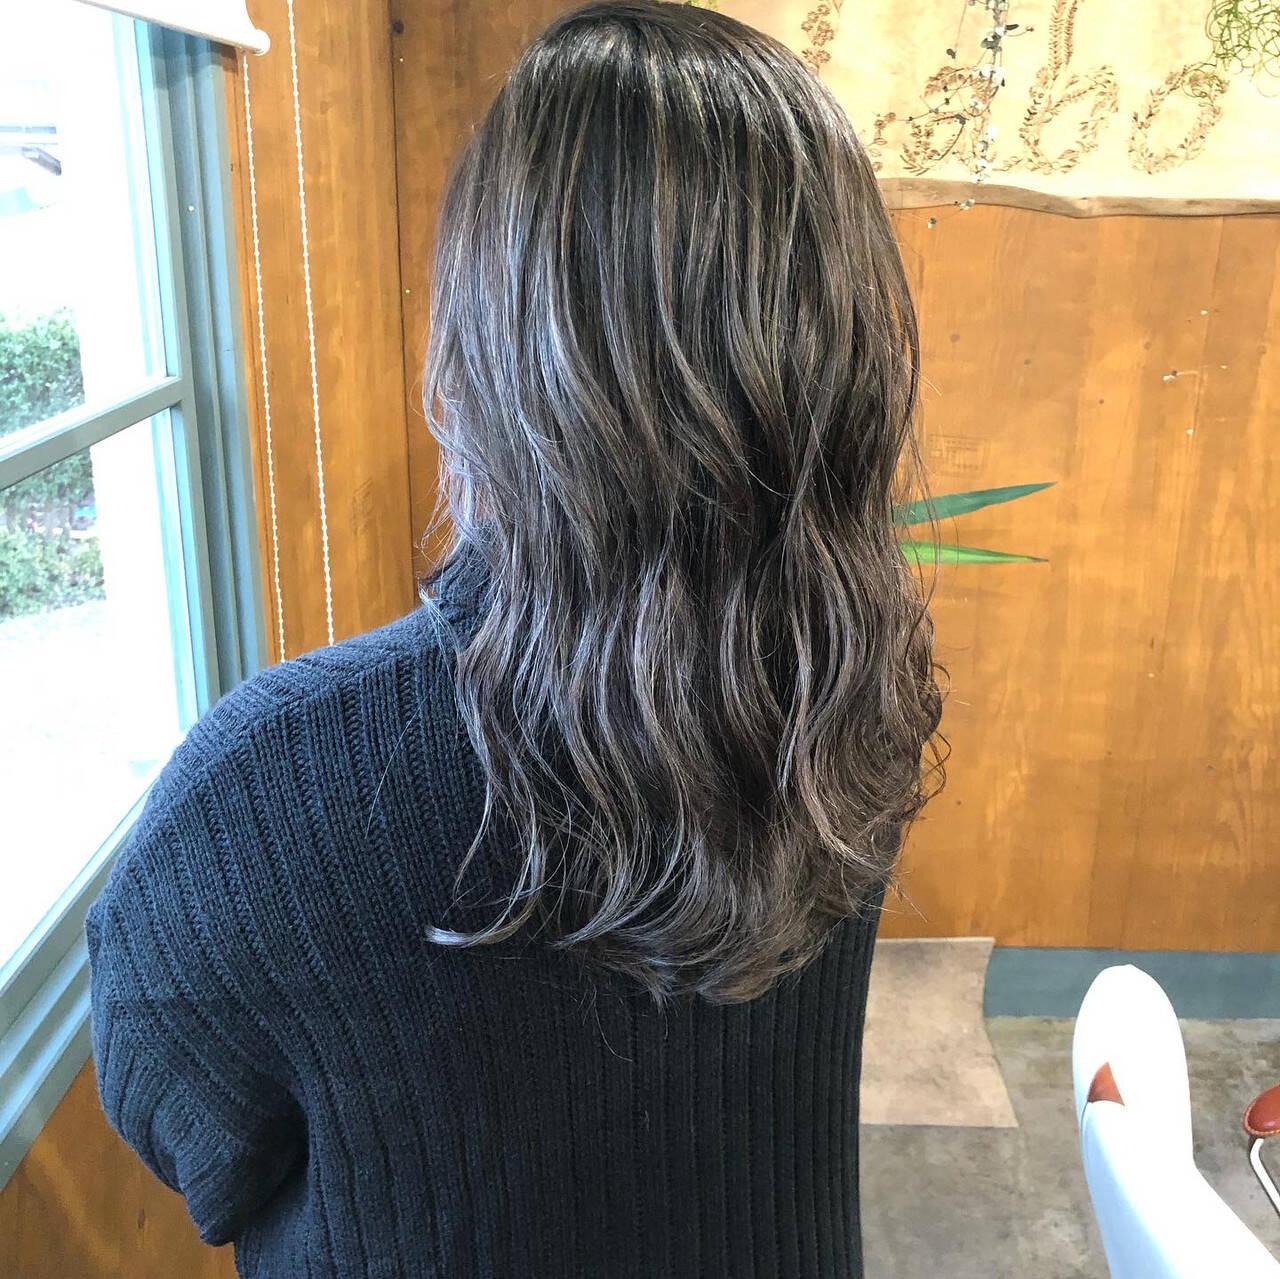 モード 大人ハイライト クール ロングヘアスタイルや髪型の写真・画像